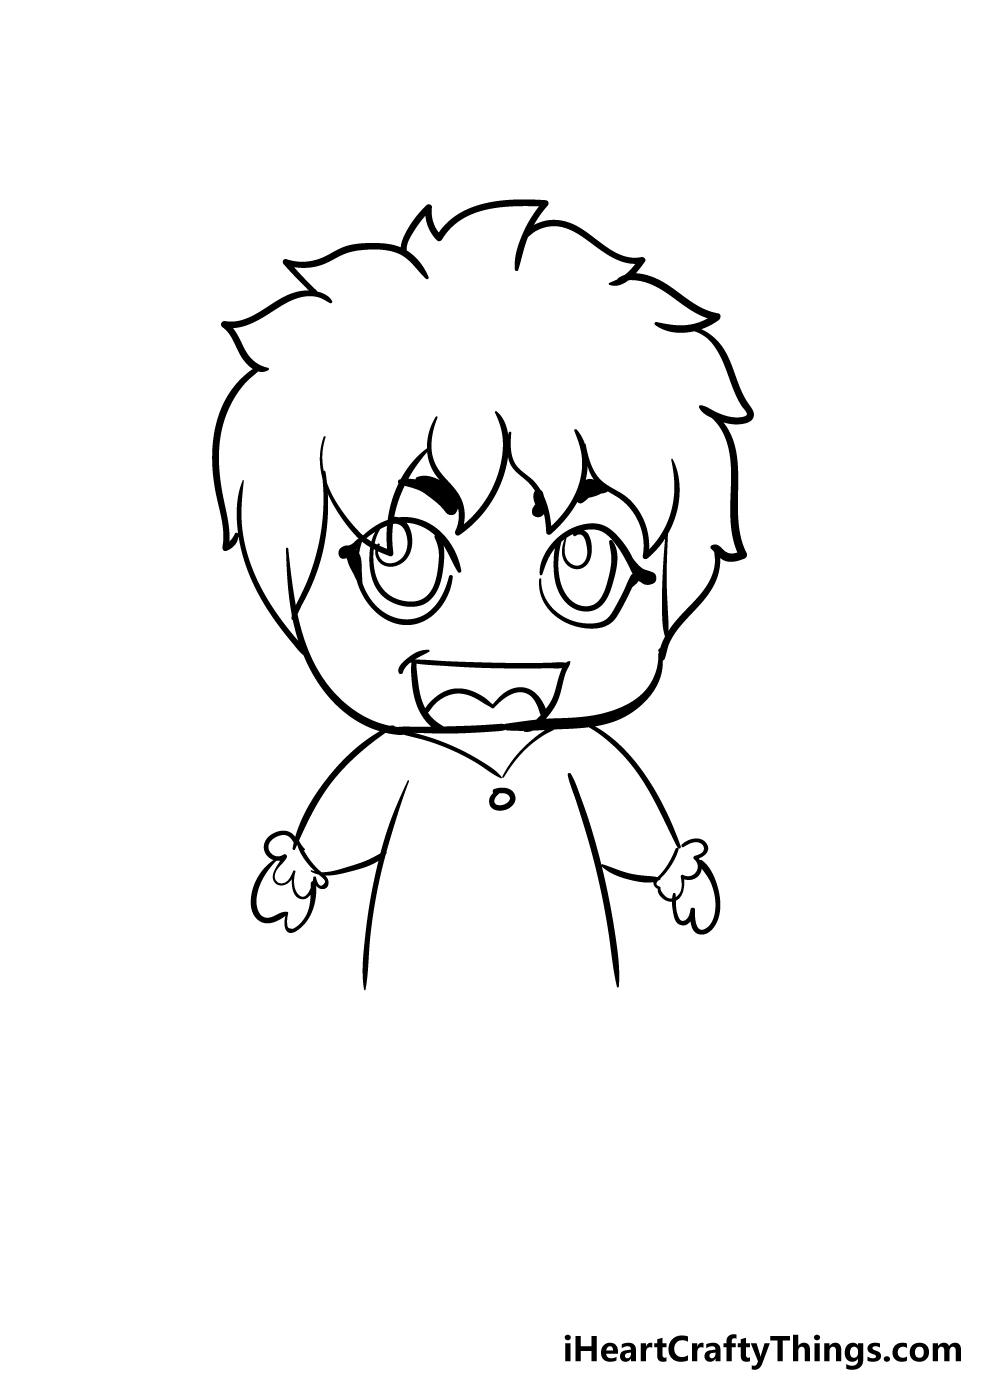 chibi drawing step 9